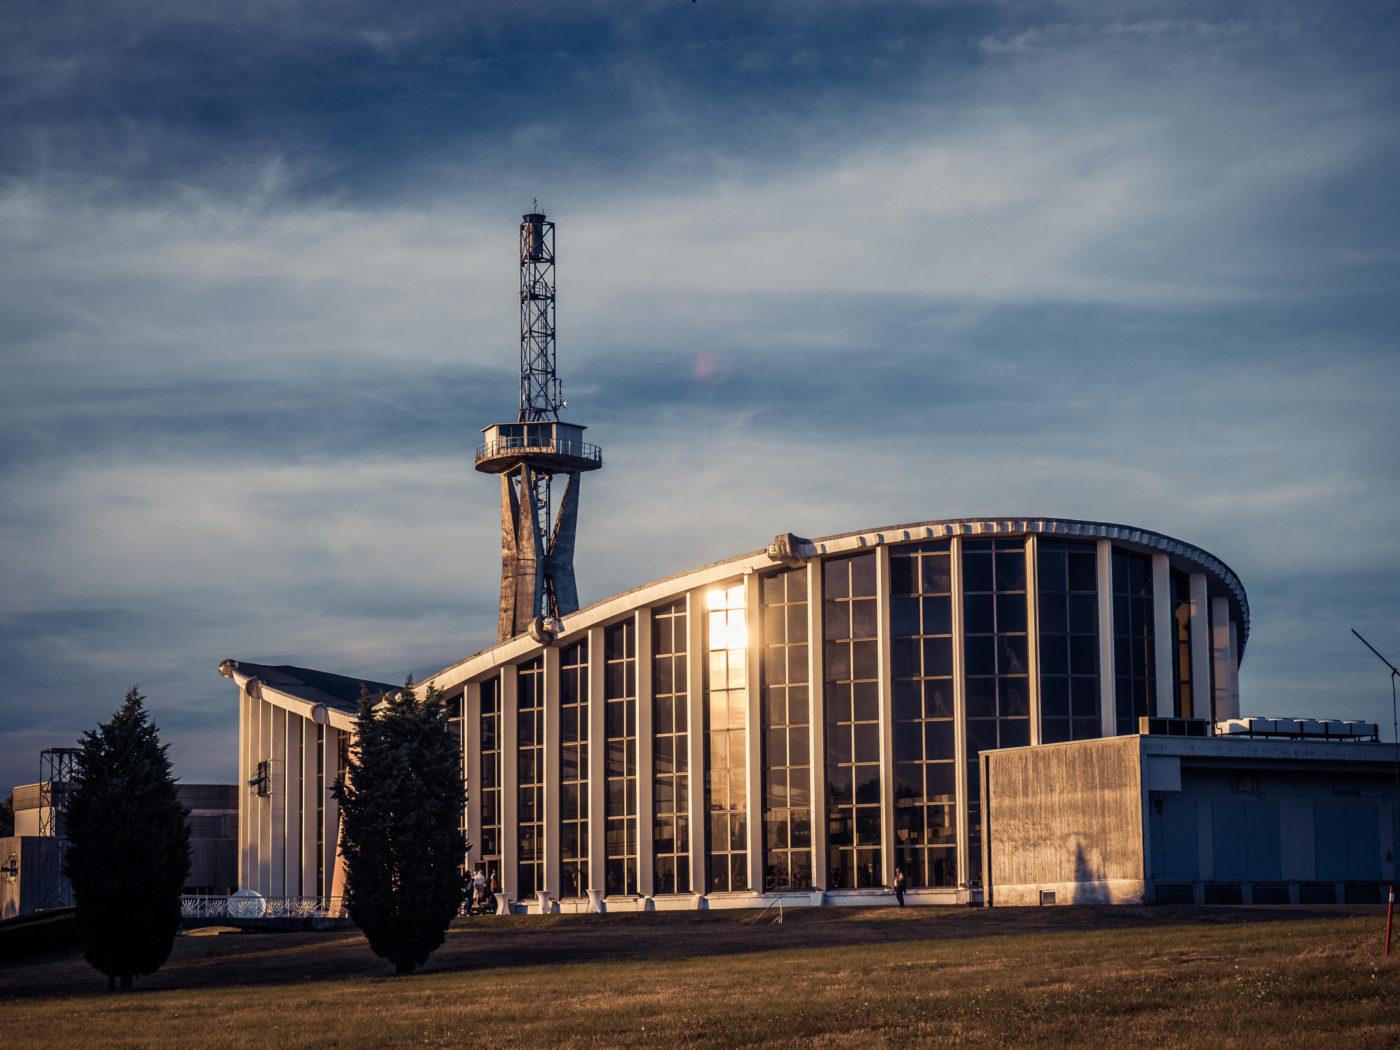 Sendehalle Felsberg-Berus - Longwave transmitter Europe 1